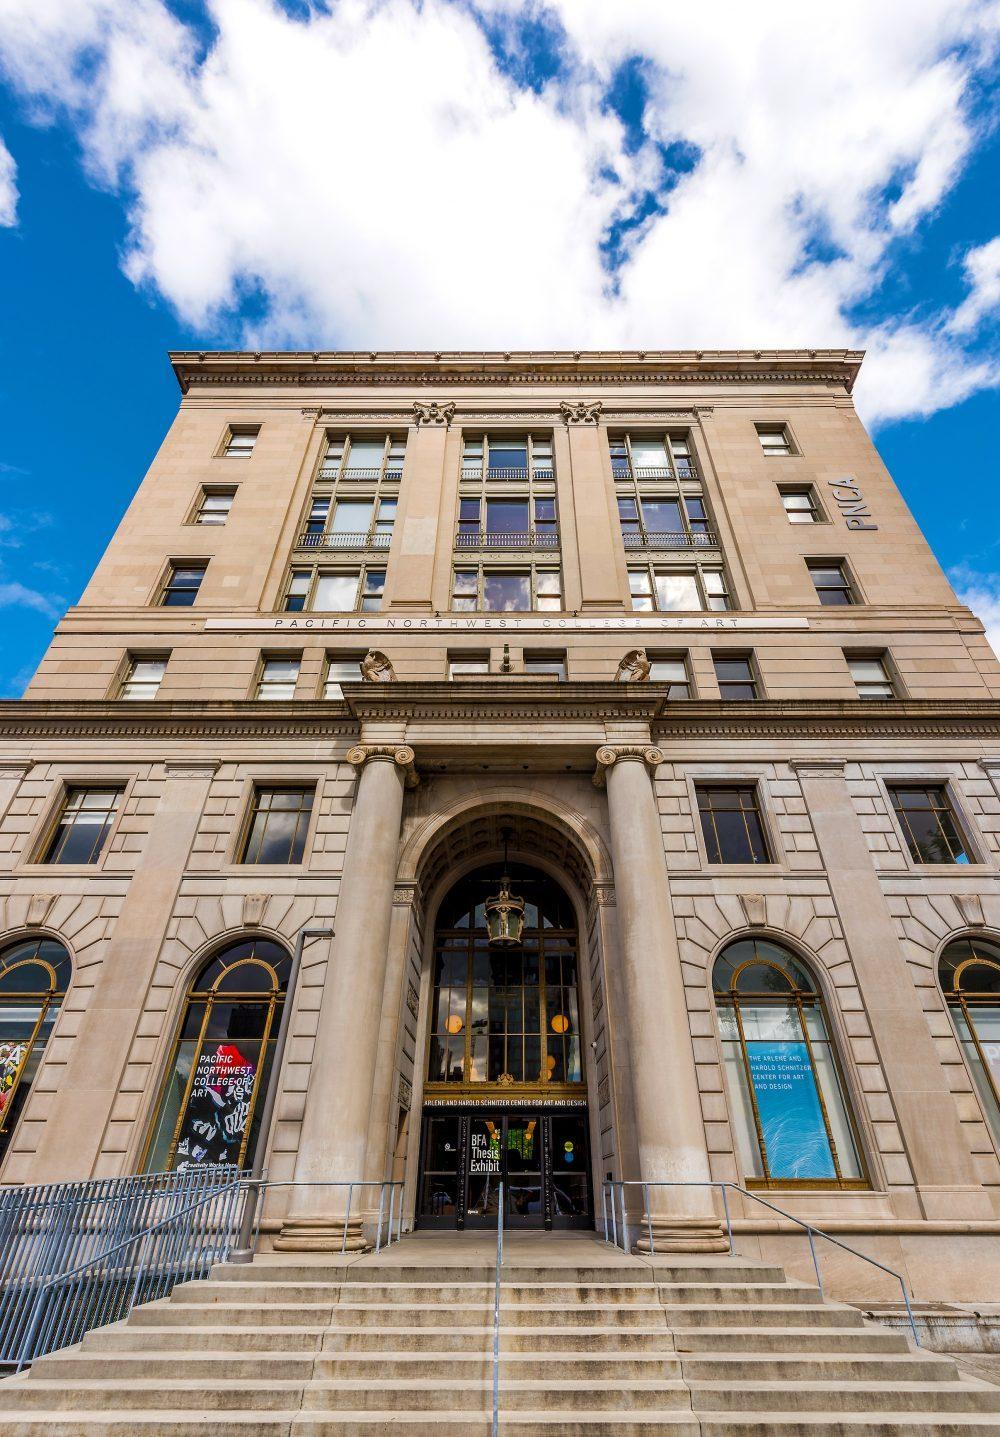 PNCA Building